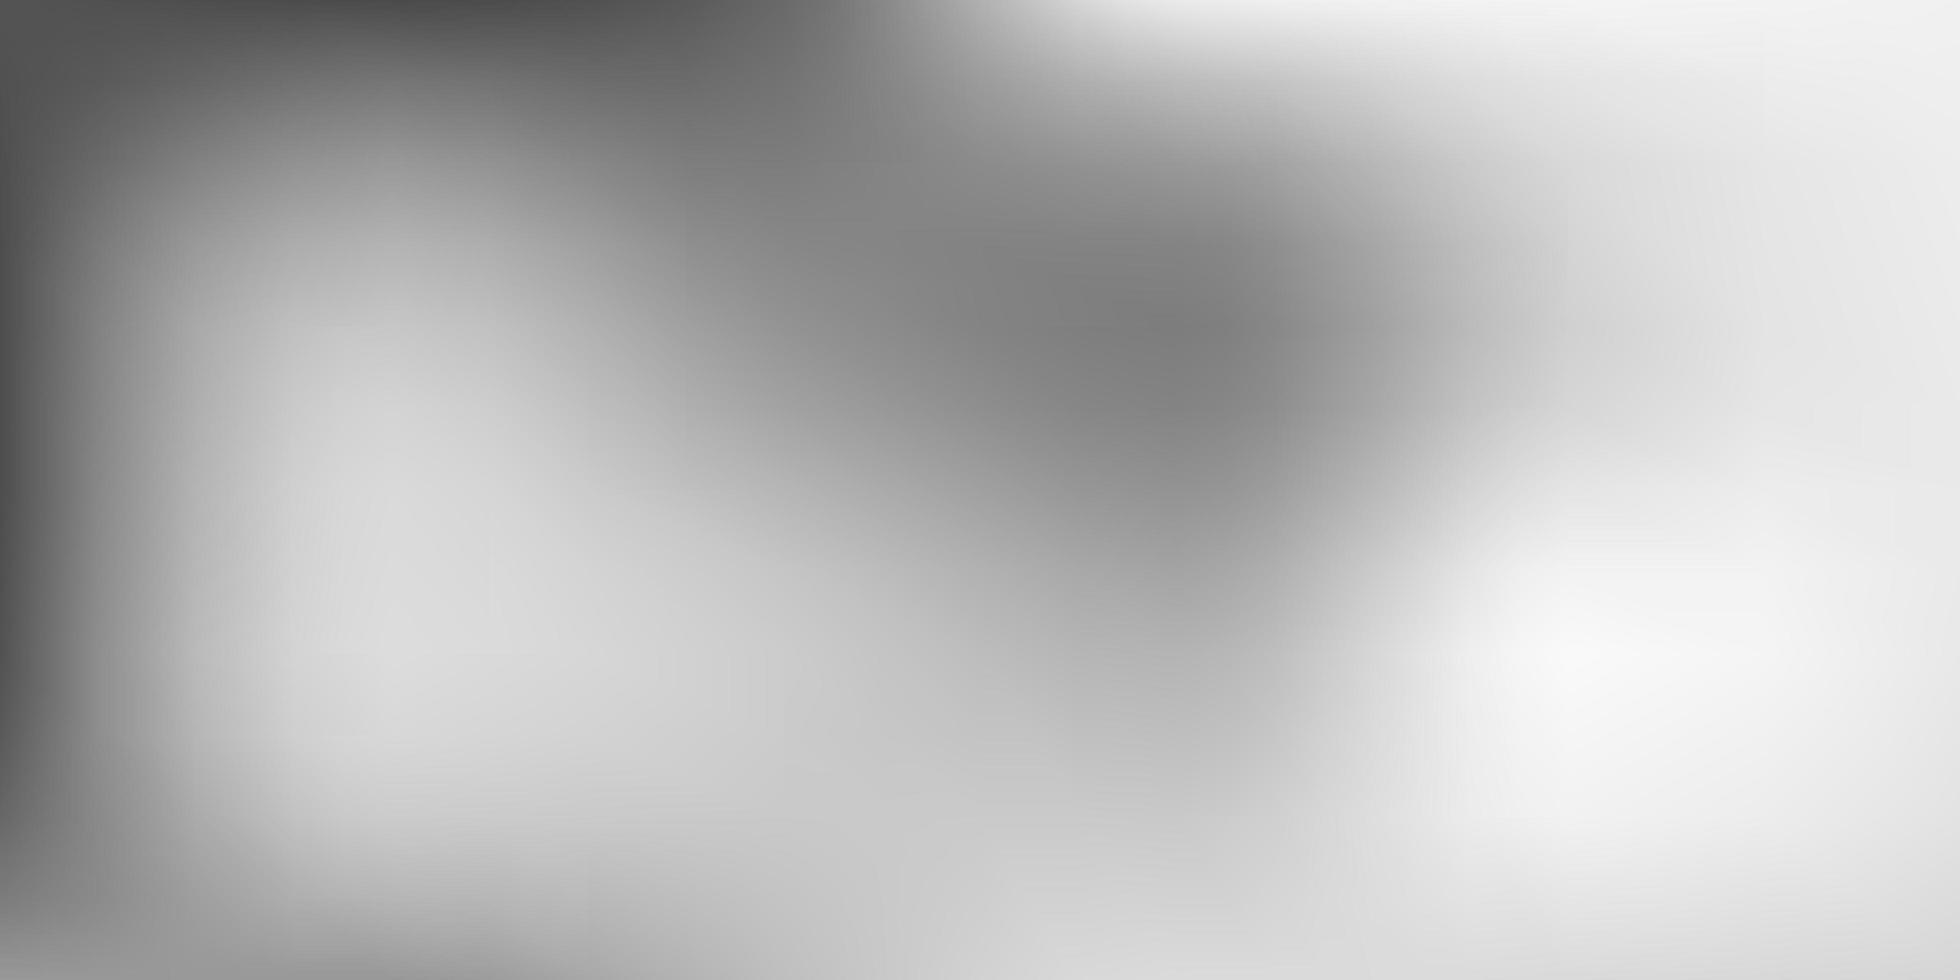 abstrato cinza claro desfocar o pano de fundo. vetor